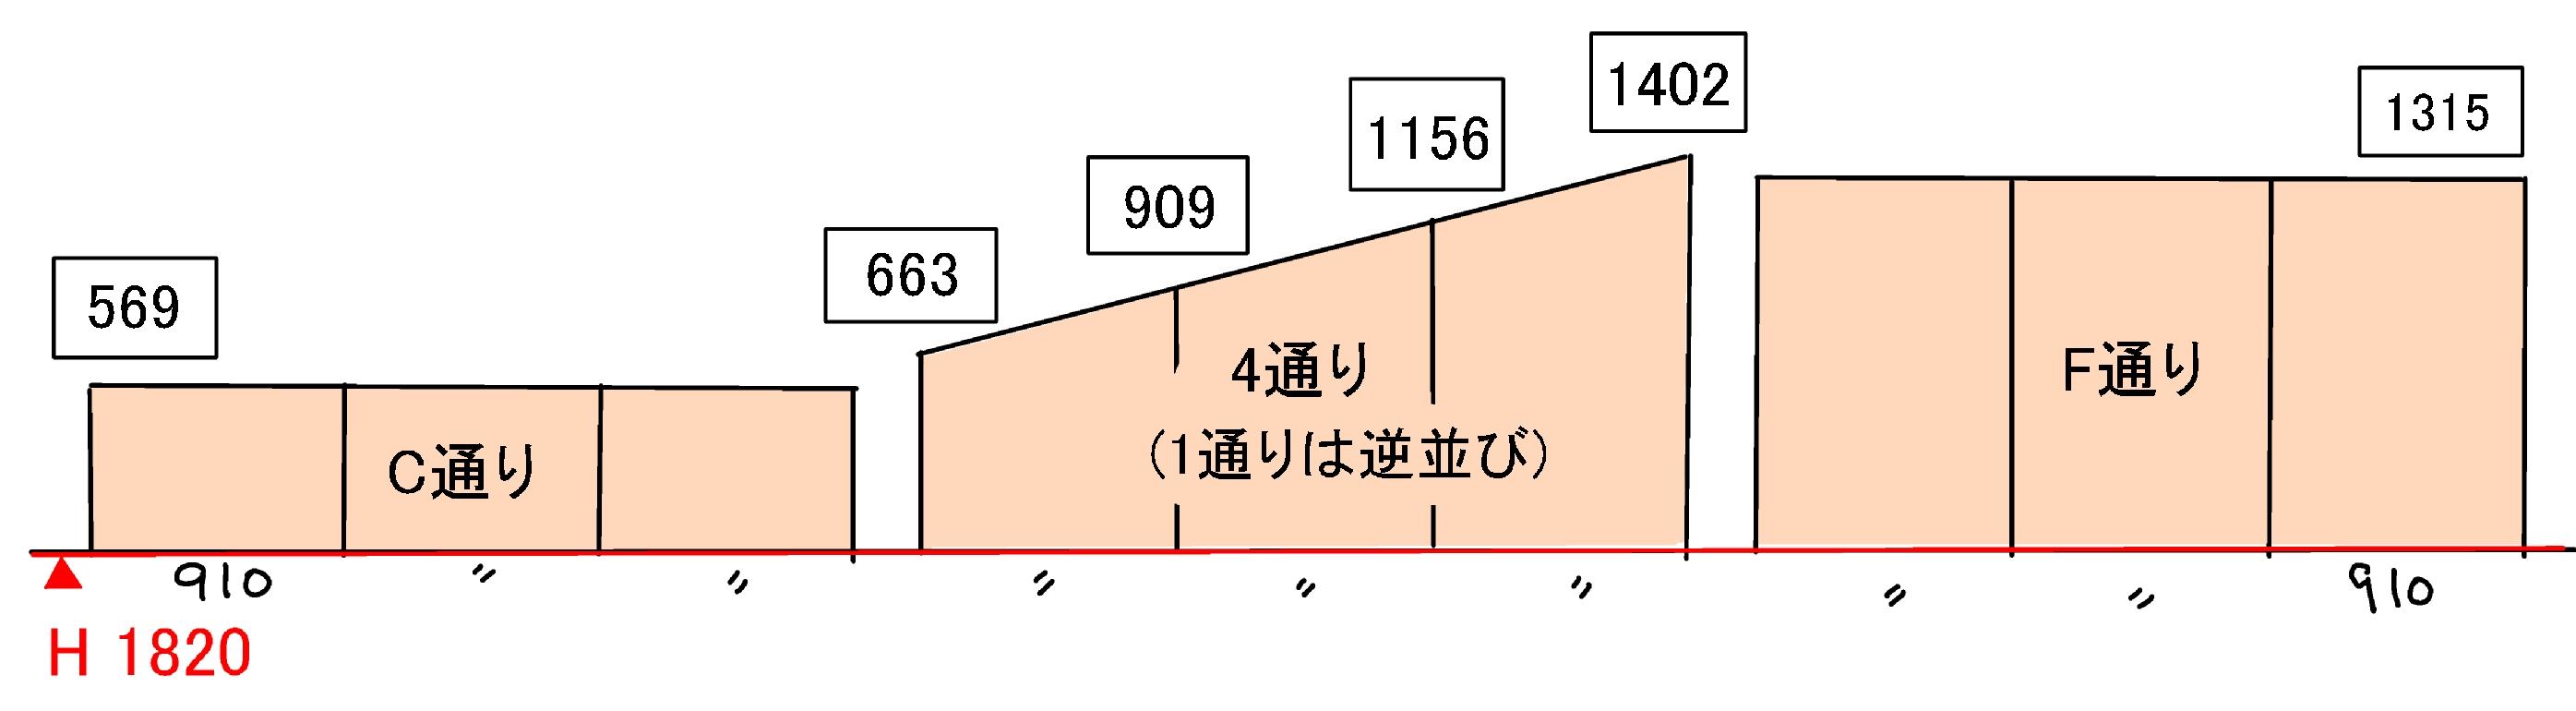 5-4ツーバイフォー2-14